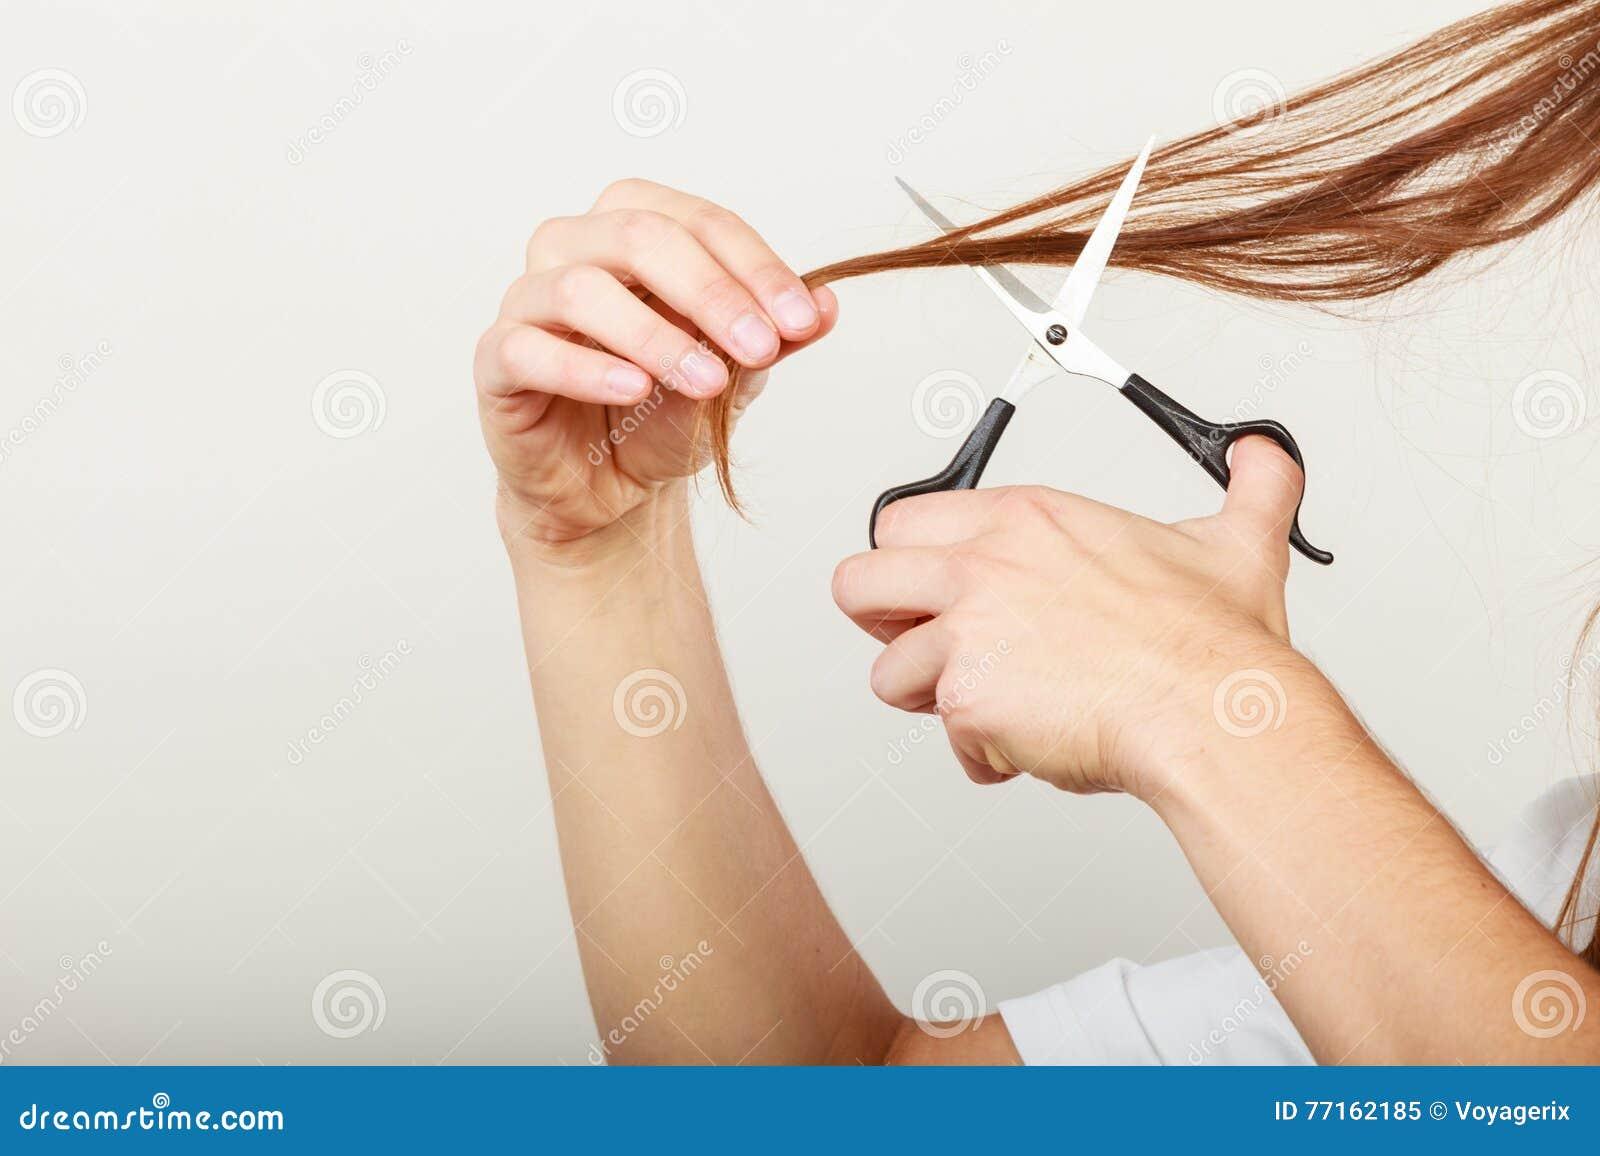 Le mâle remet couper de longs cheveux